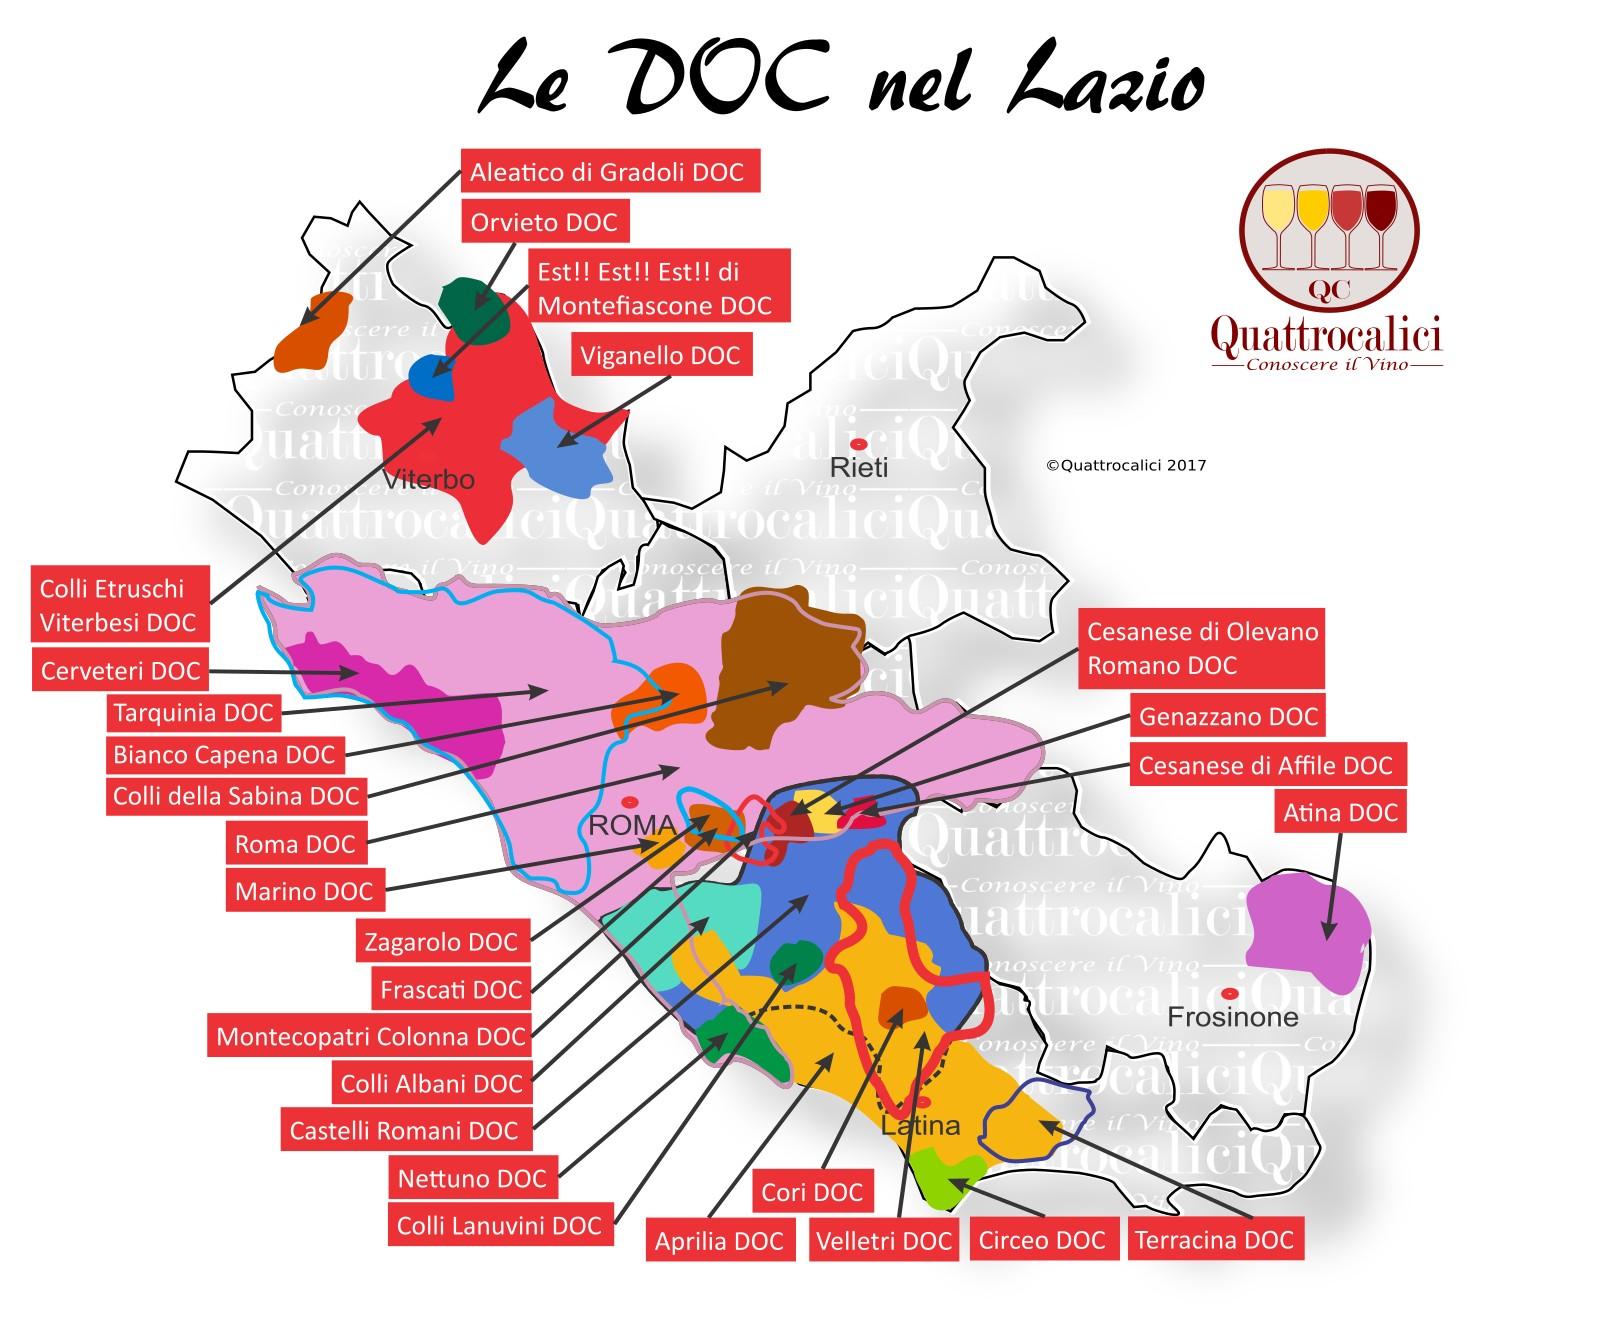 Mappa Denominzioni DOC Lazio